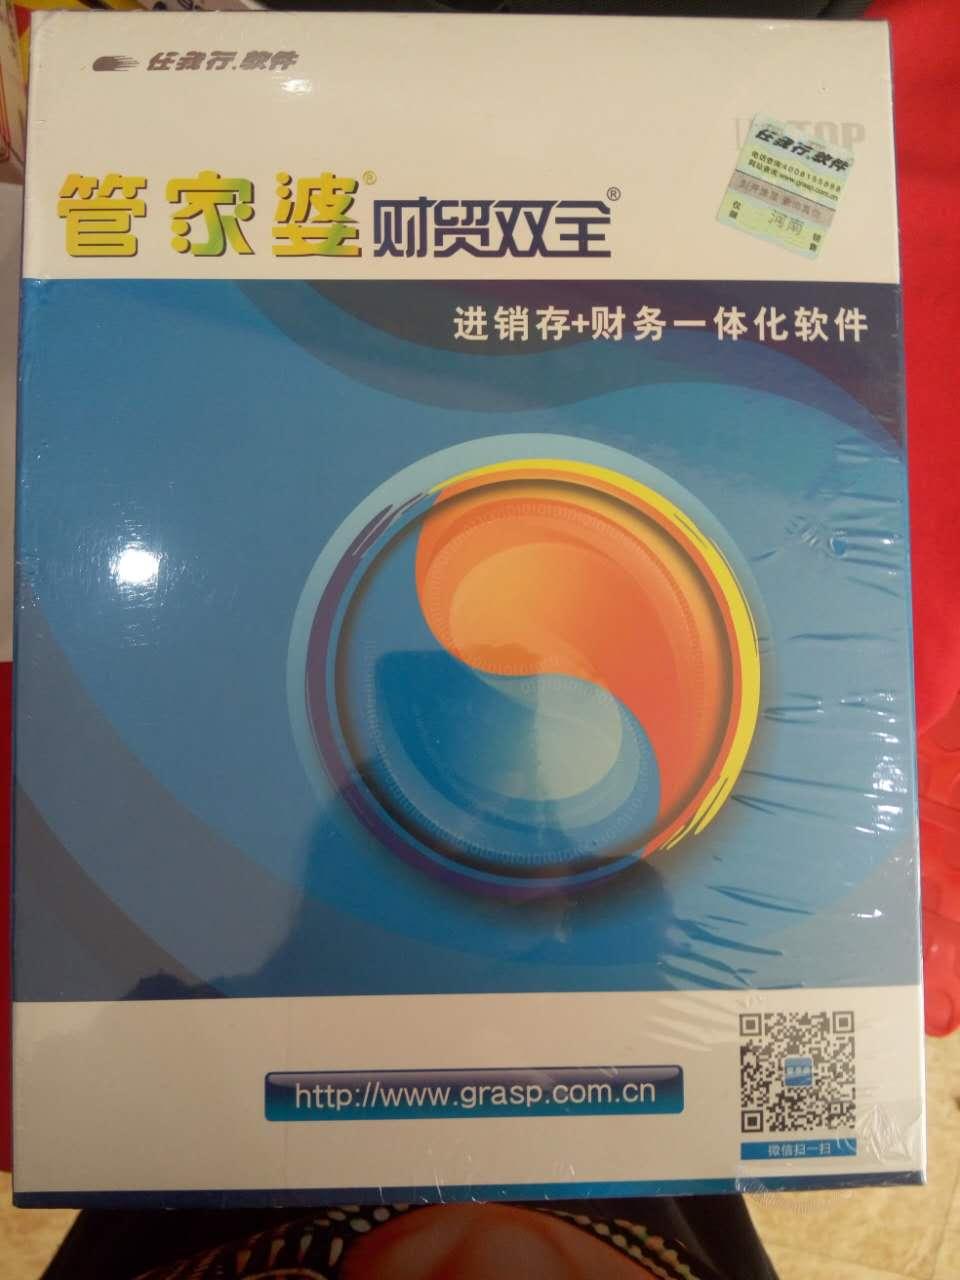 哪里有供应安全可靠的管家婆中小企业管理软件财贸系列软件-宁陵河南商丘